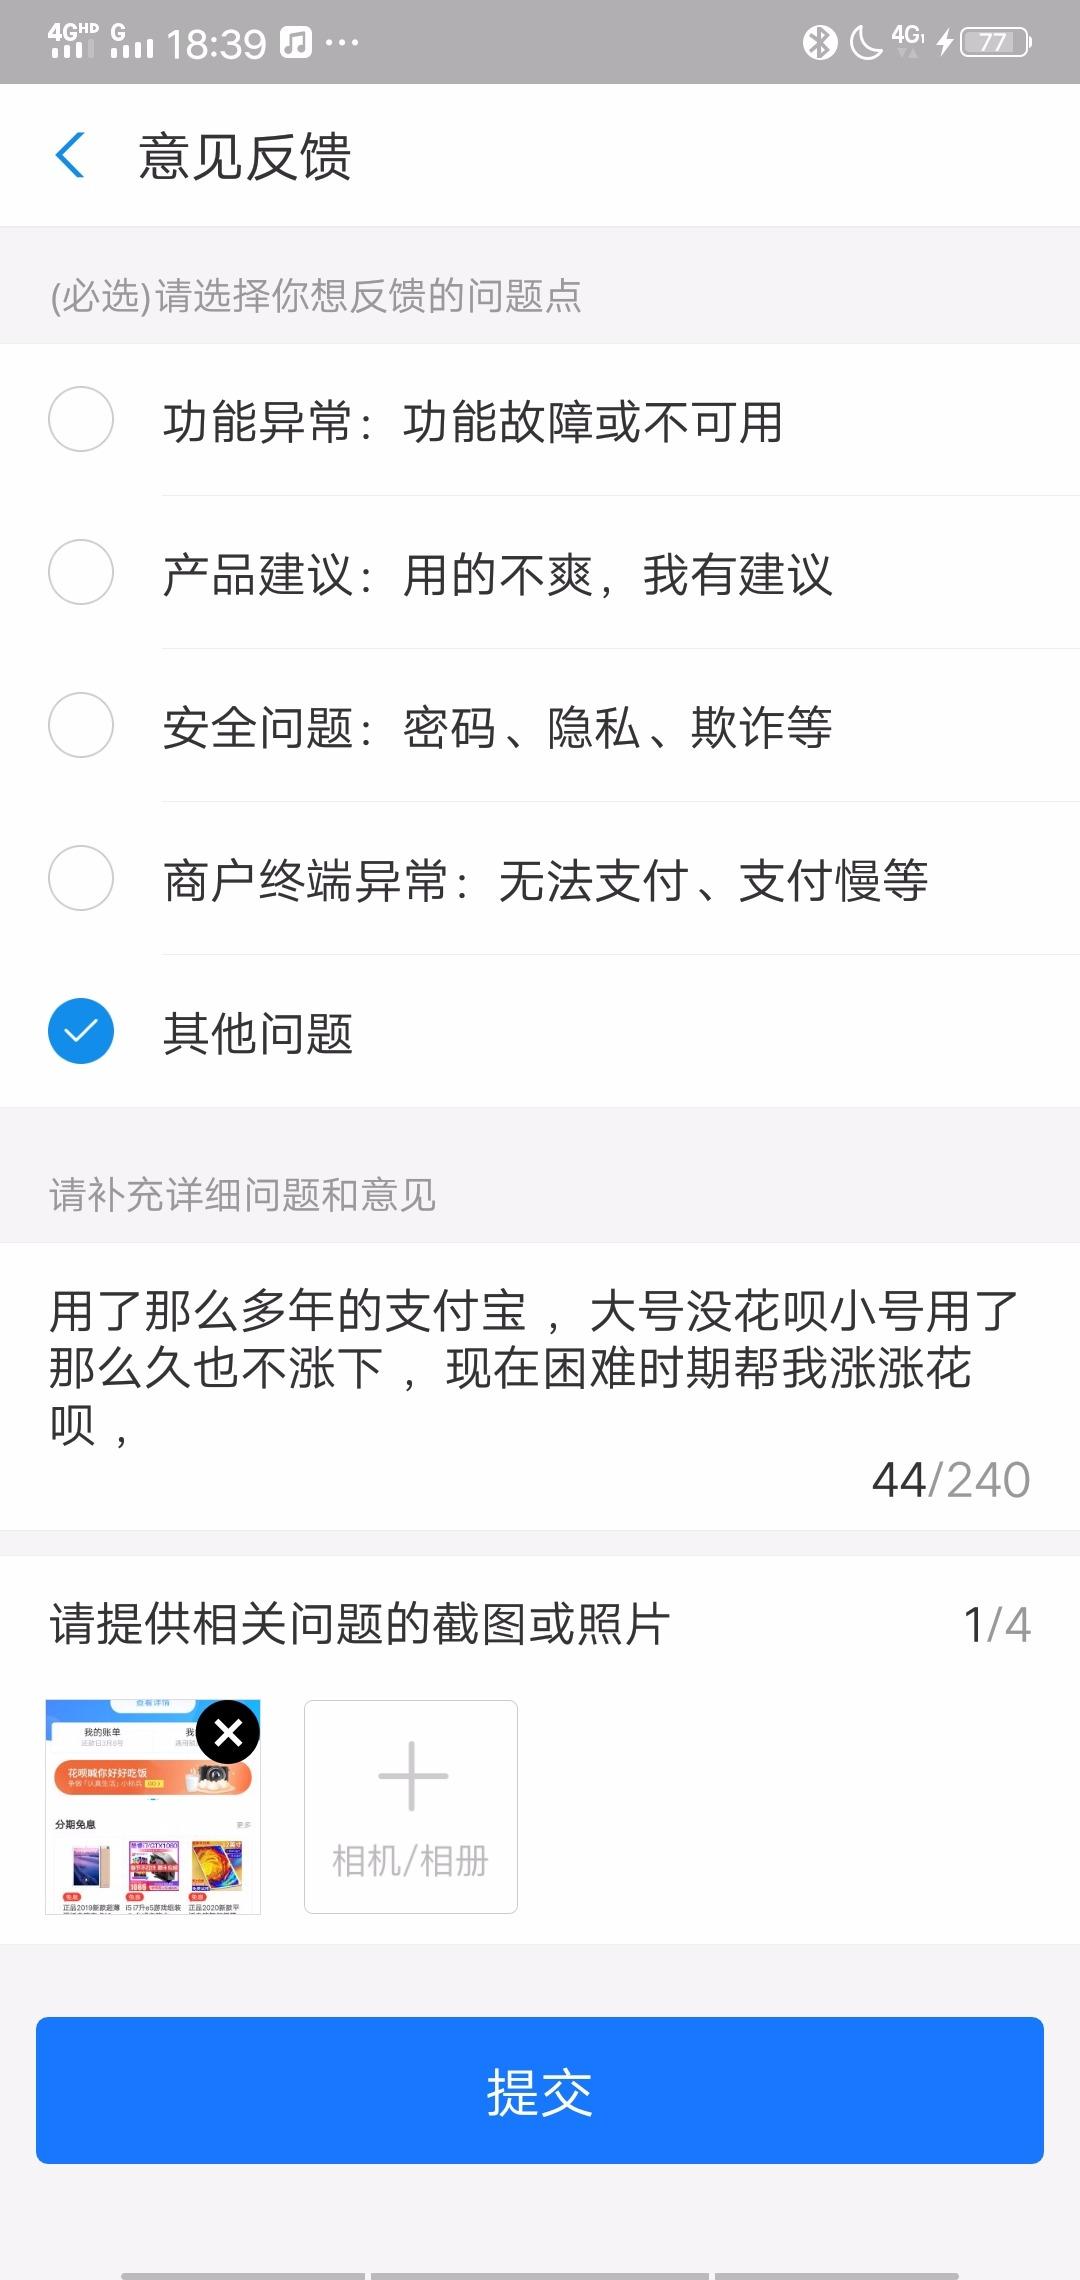 Screenshot_20200209_183956.jpg